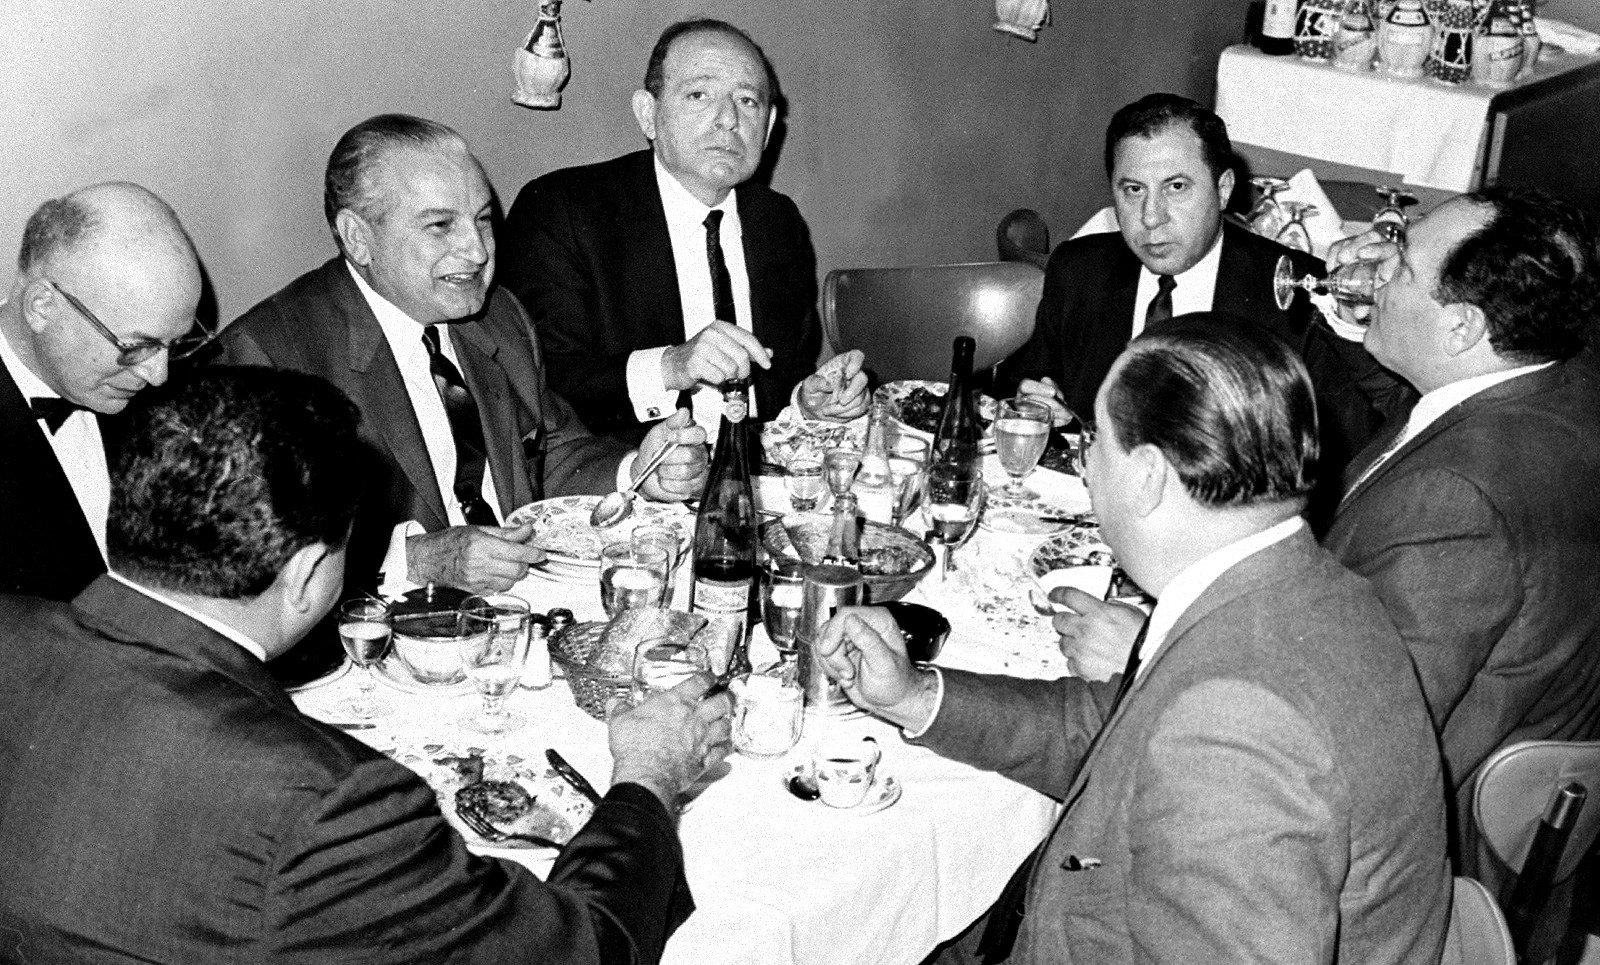 mafia 3 обзор мафия 3 сеттинг история линкольн клей новый орлеан отвратительные мужики disgusting men